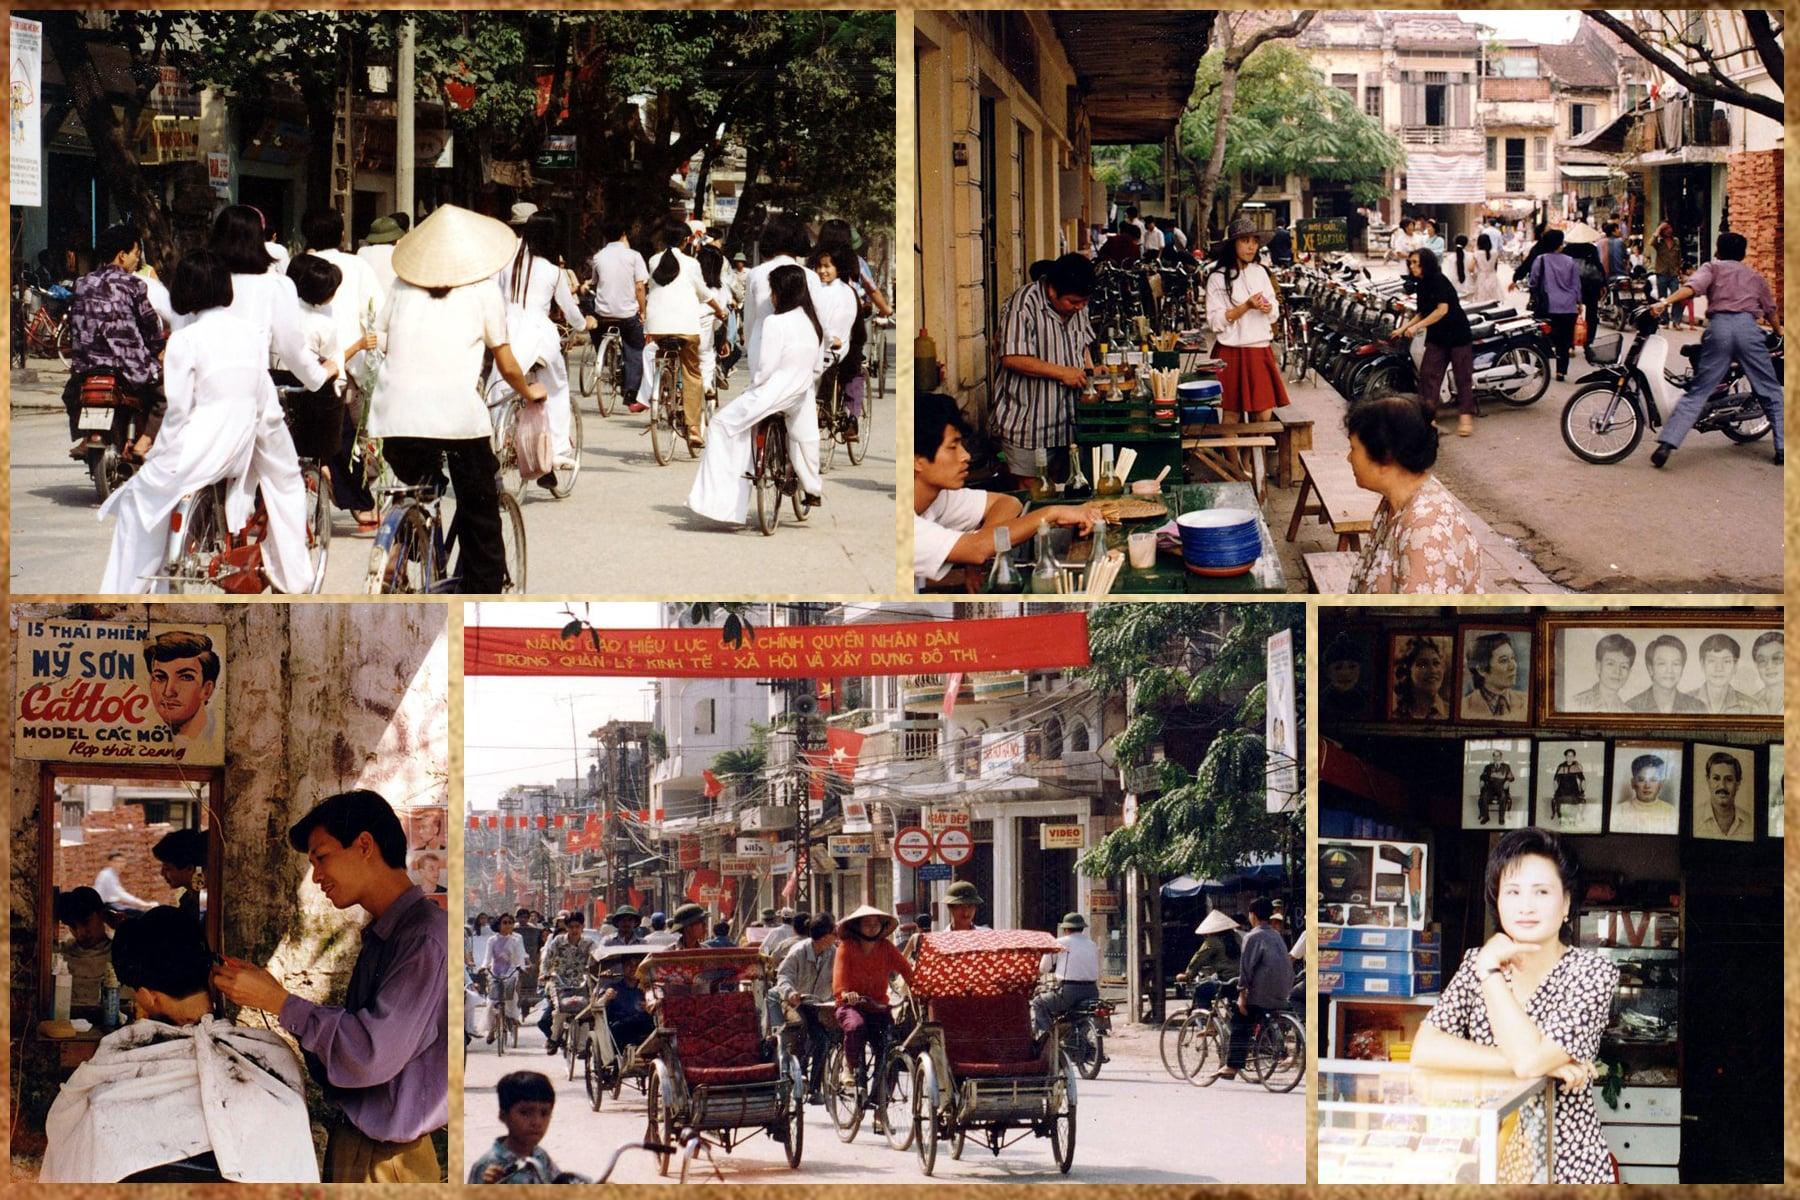 Reply 1994: Trở về phố phường Hà Nội bình yên mà đầy sức sống những năm 90 qua ống kính của chàng thanh niên Fukada Hiroshi